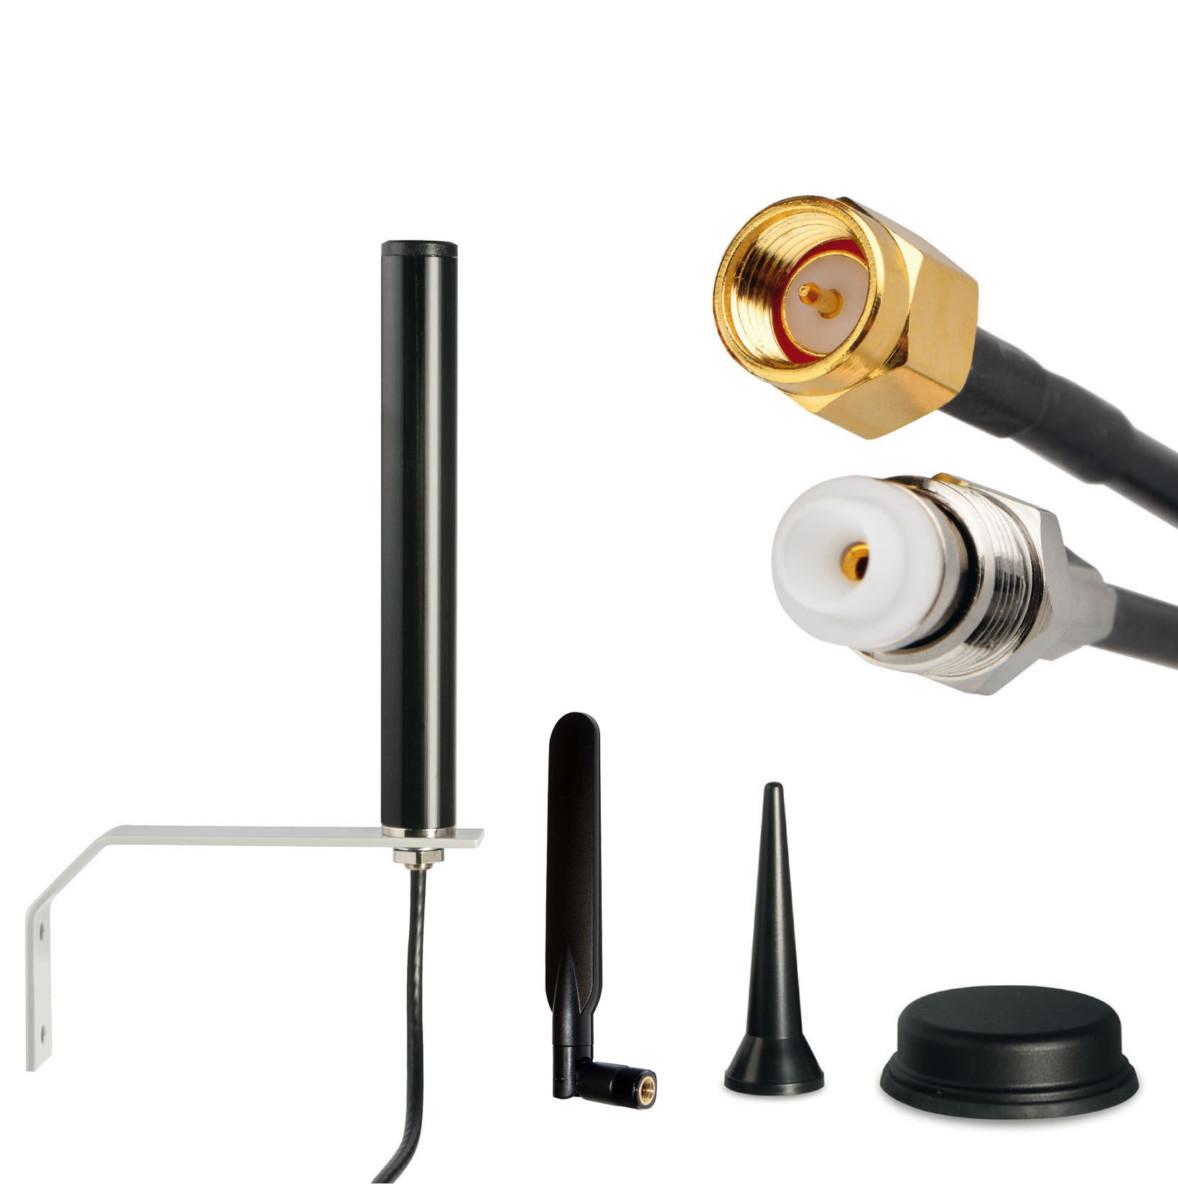 Mobilfunkantennen für M2M/IoT und Spezialanwendungen wie Bahn, Marine und Smart Metering